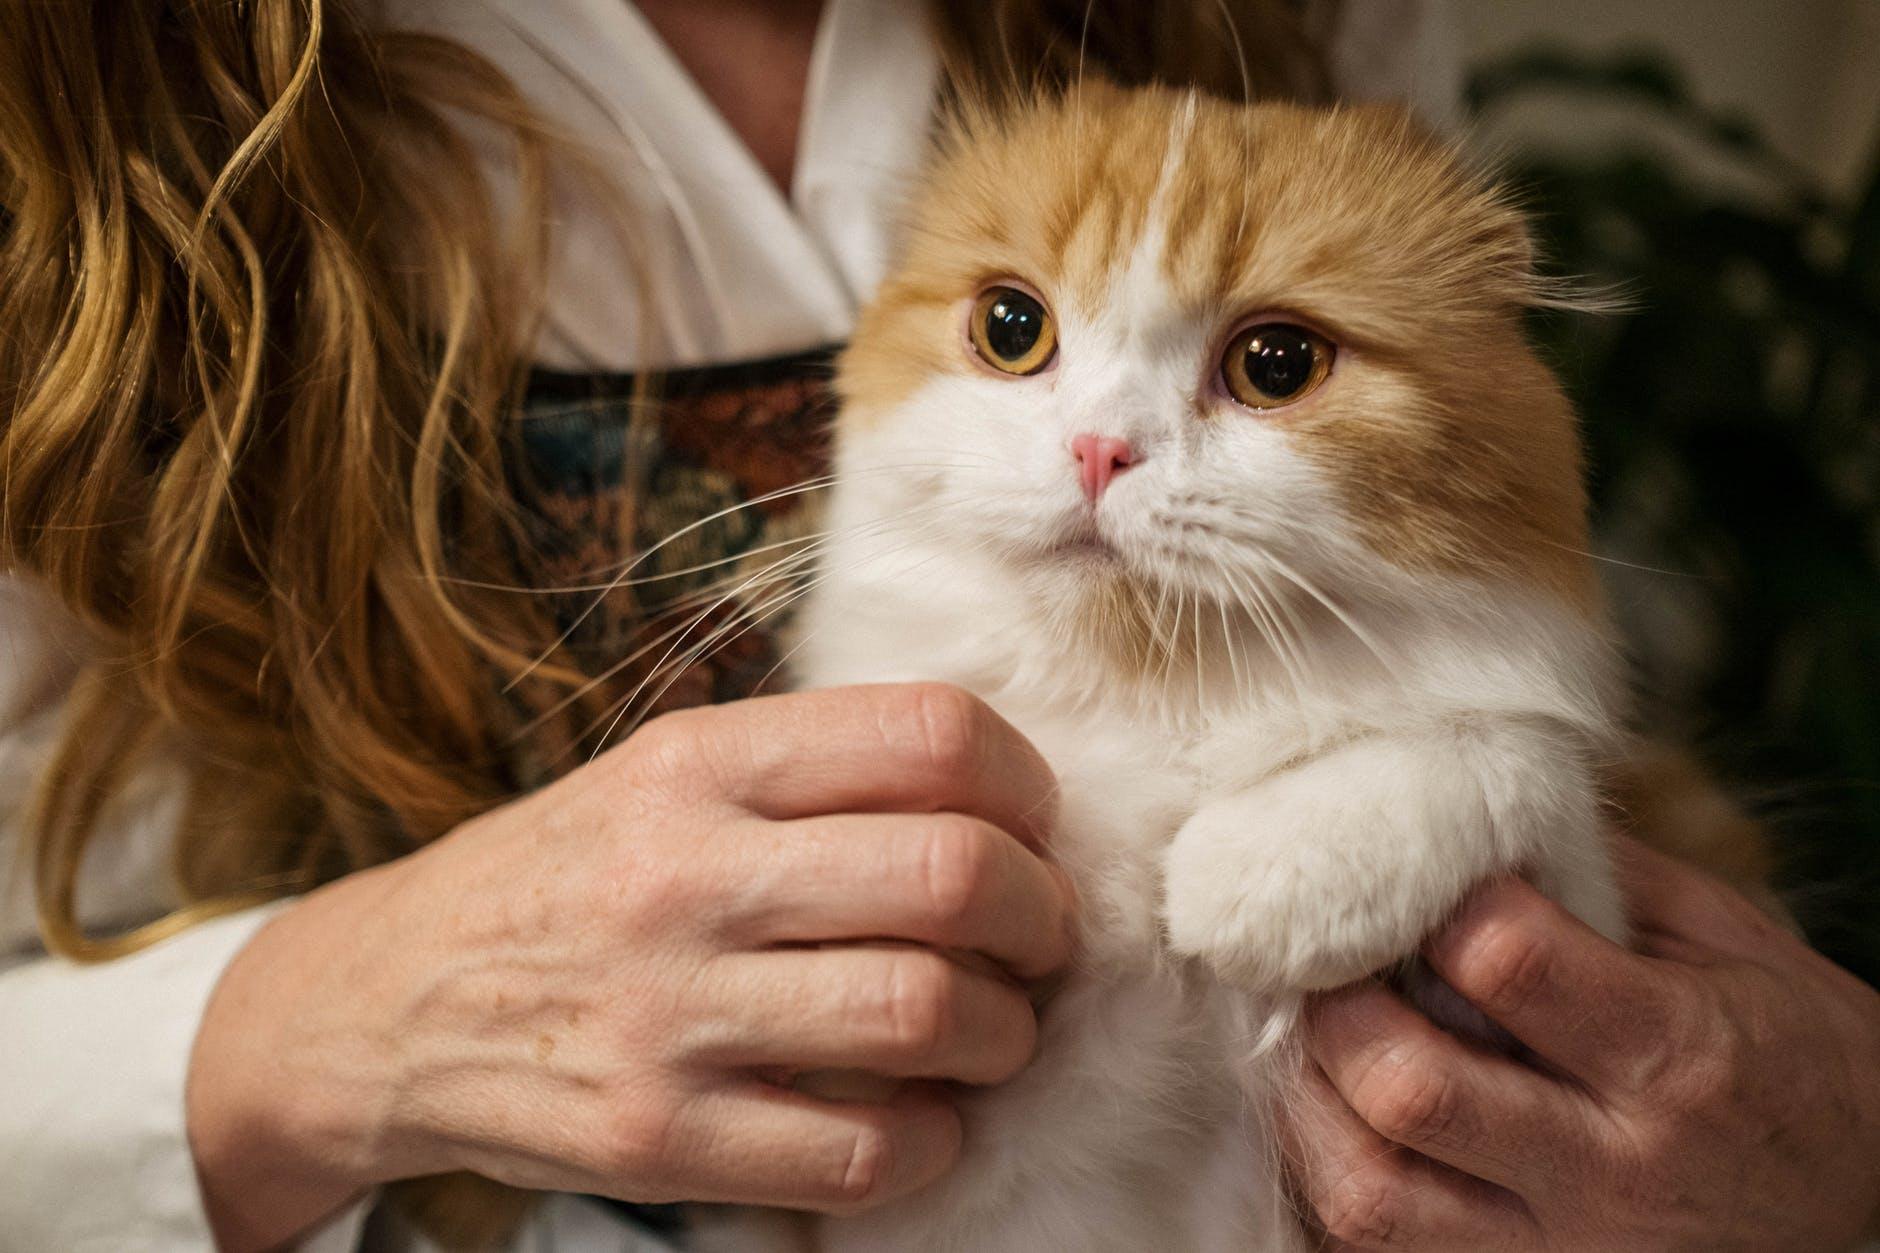 Best Cat Instagram Captions